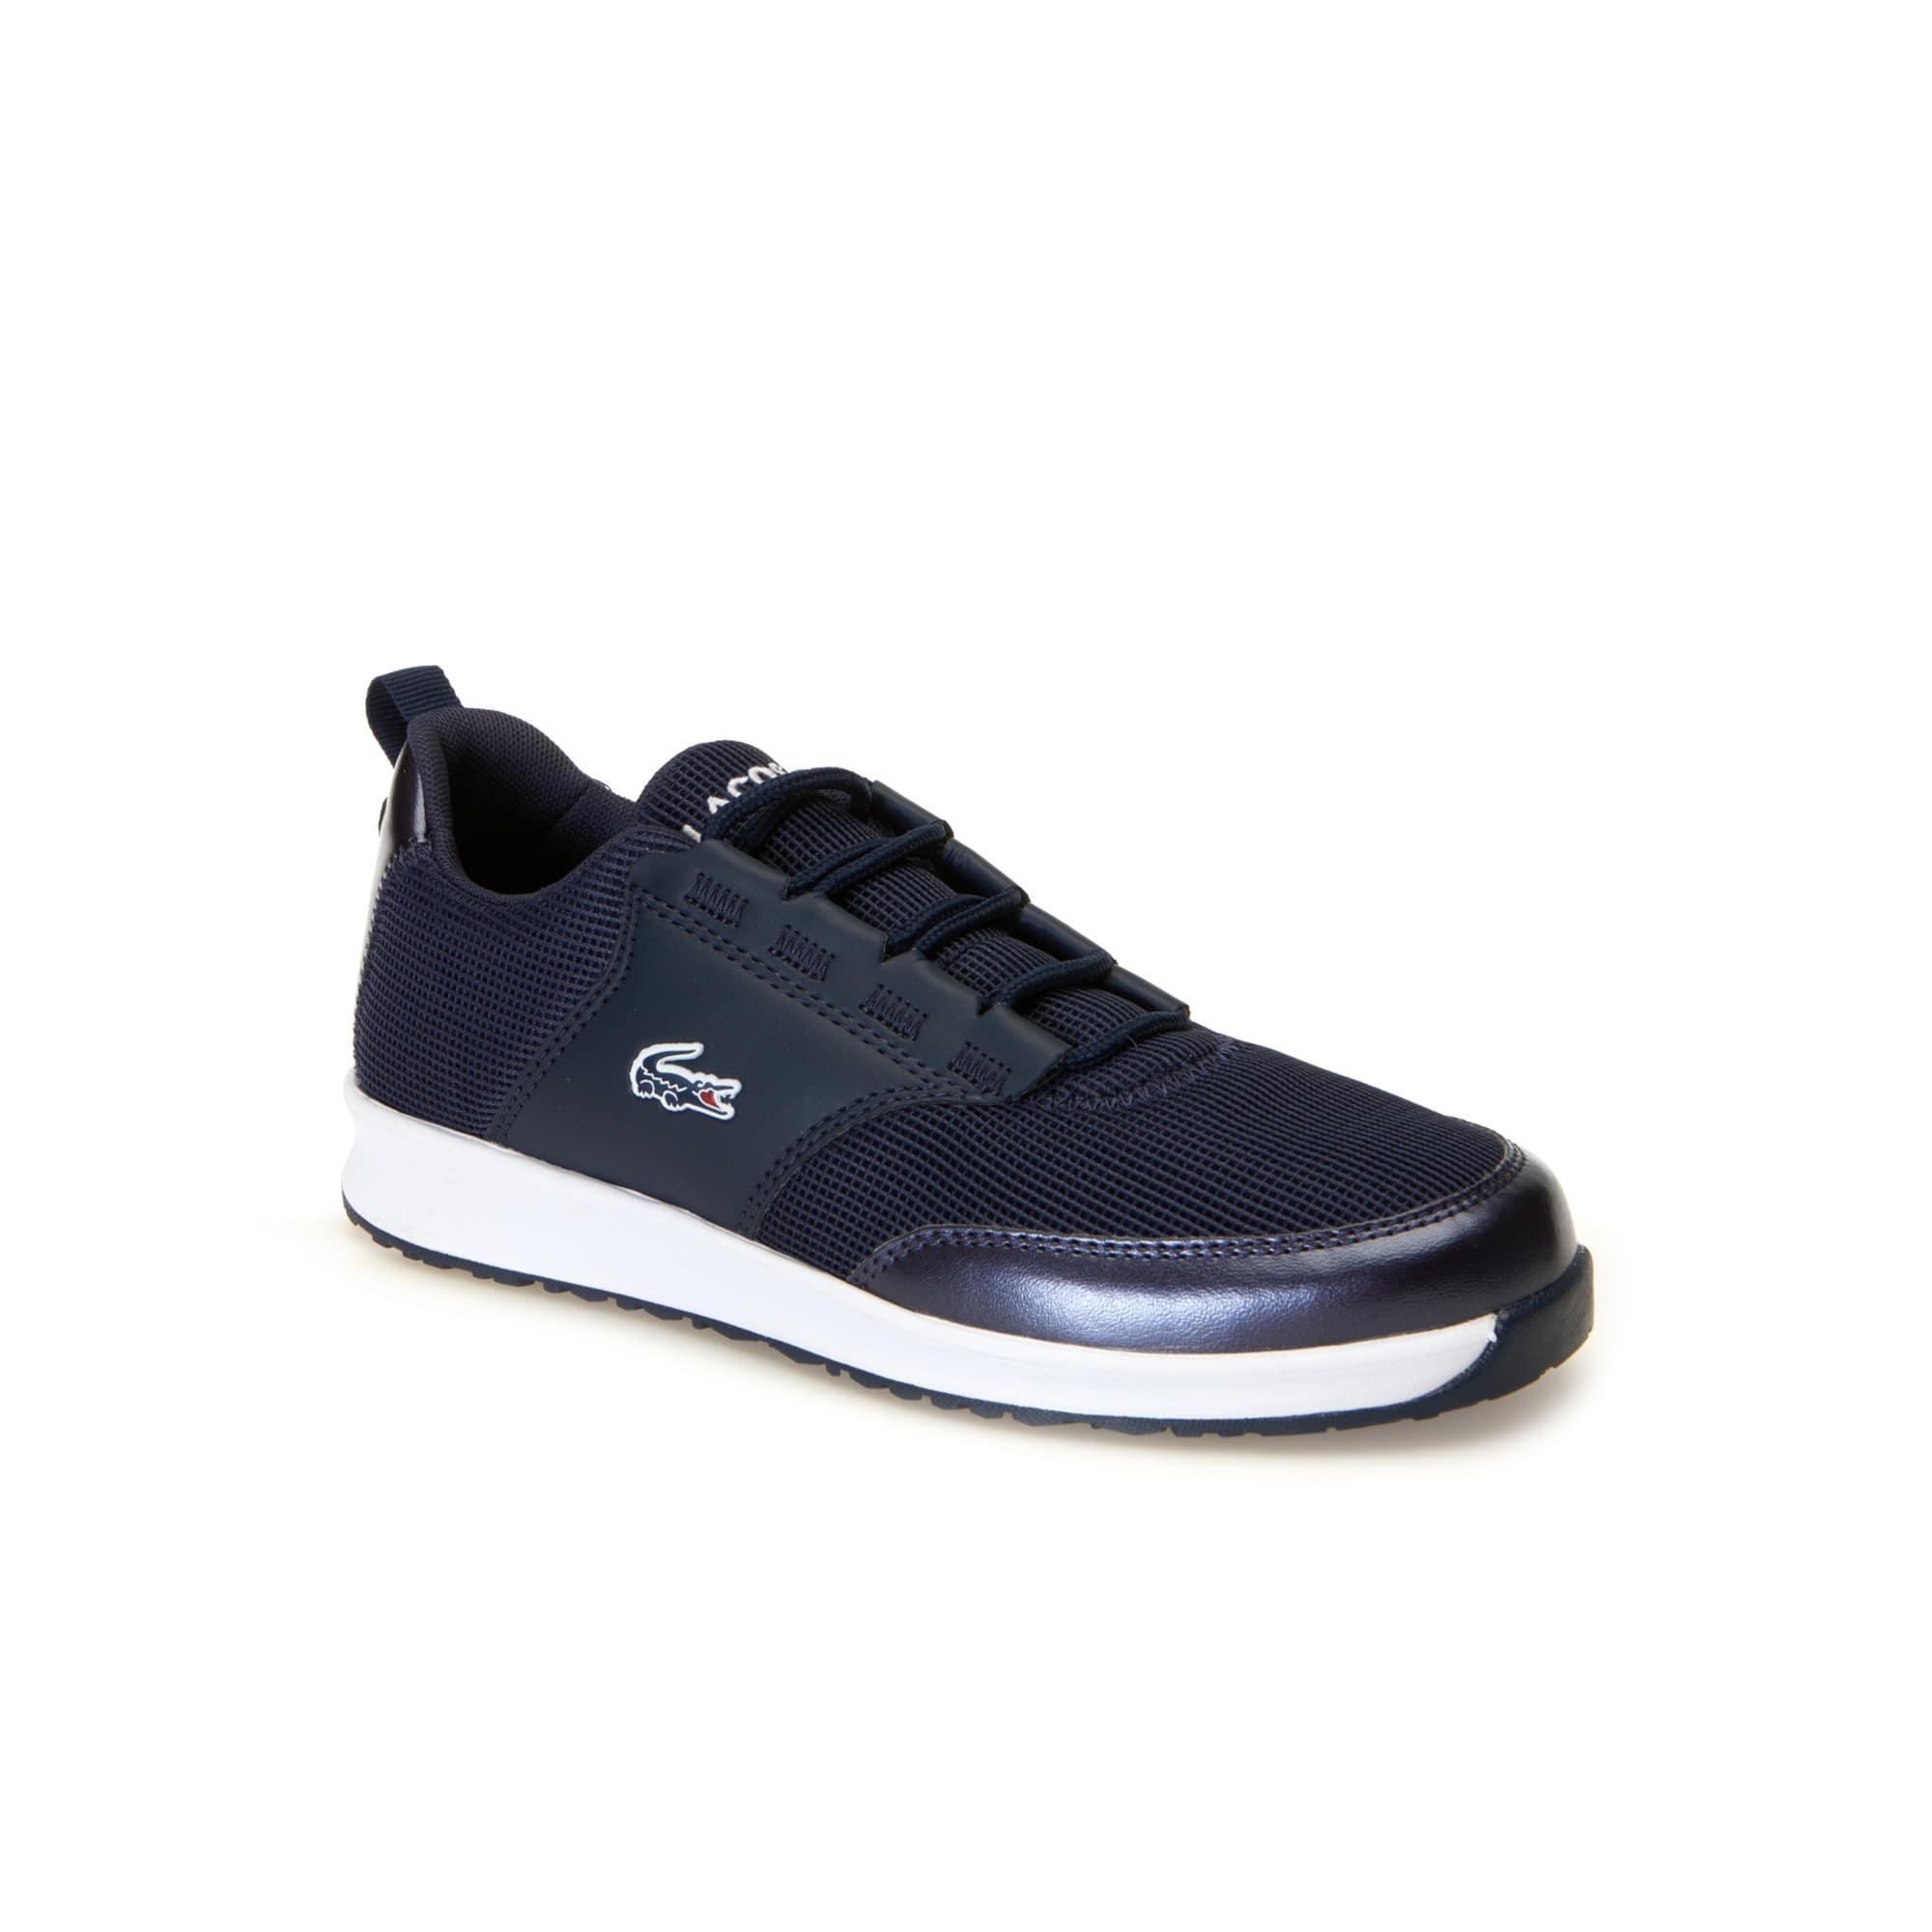 Zapatillas junior L.ight de material textil y sintético con efecto metálico